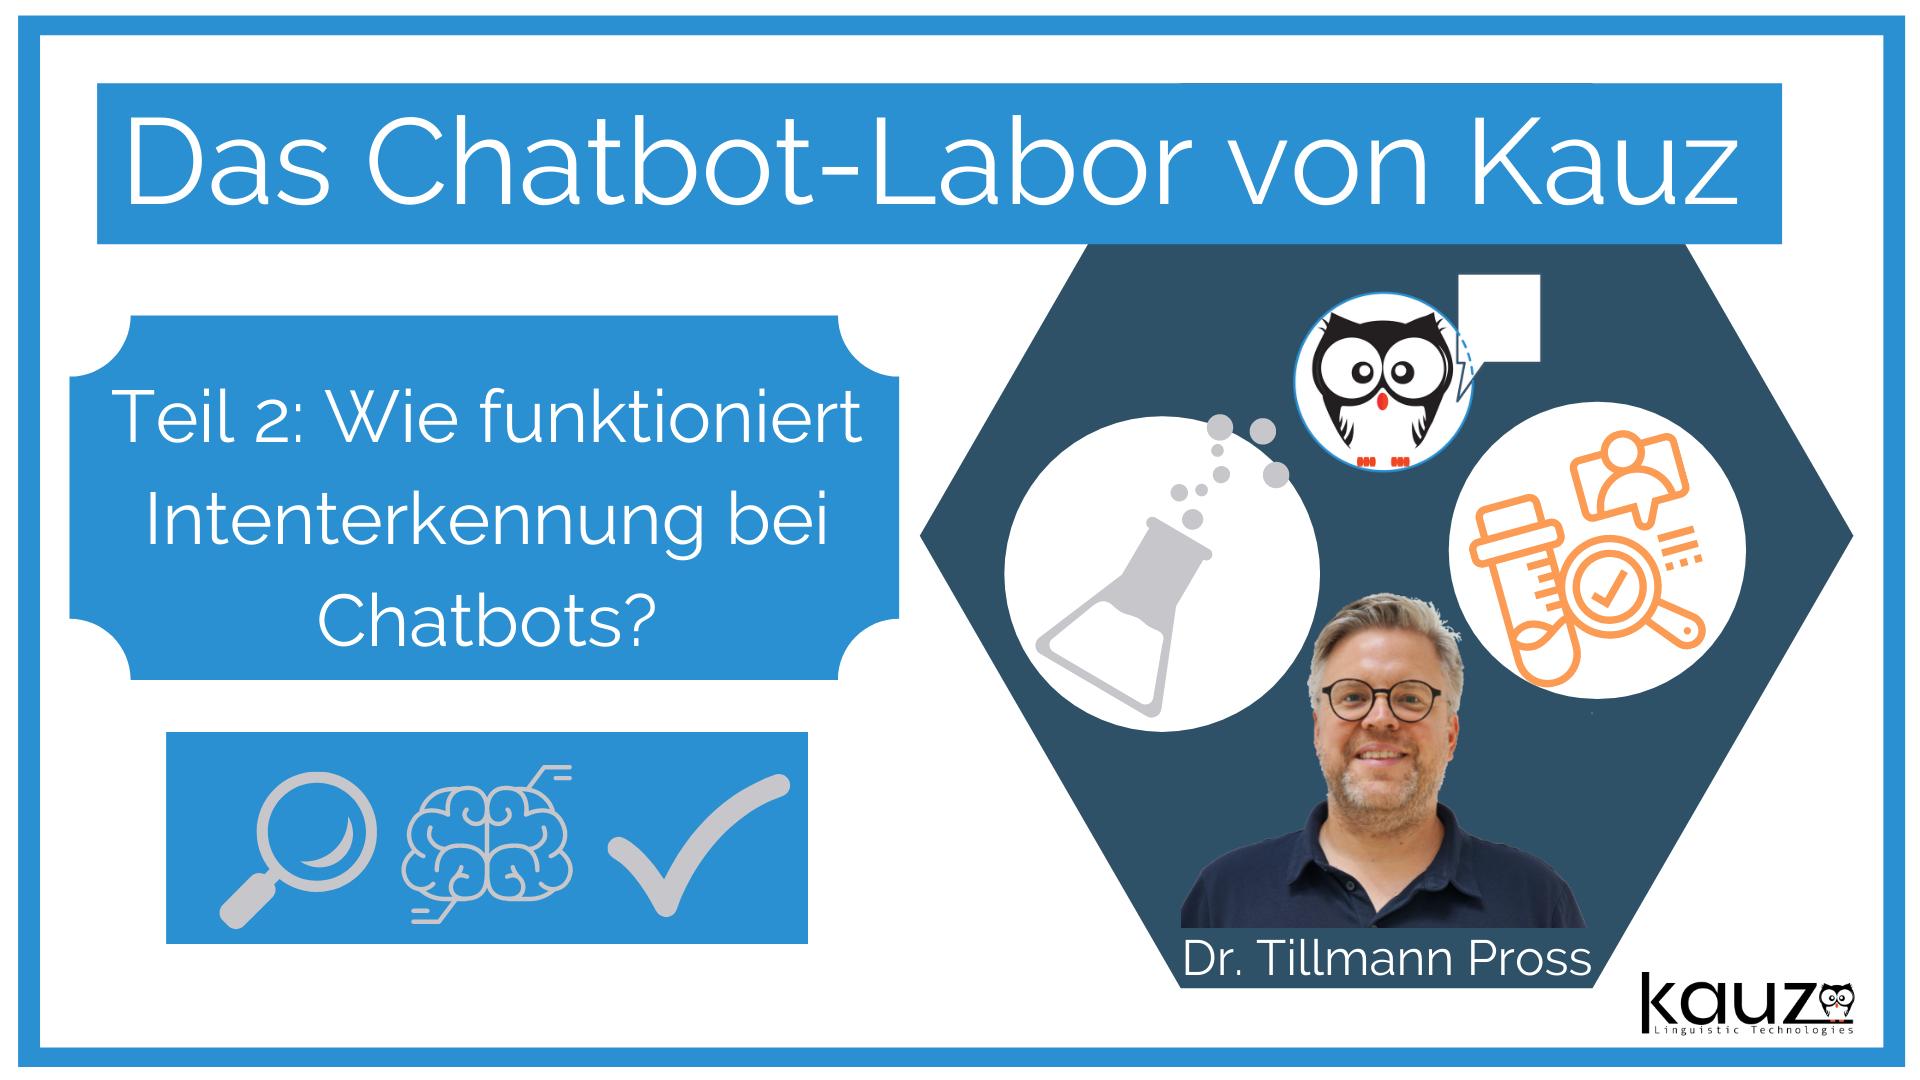 Chatbot Labor Wie Funktioniert Intenterkennung Bei Chatbots Kauz